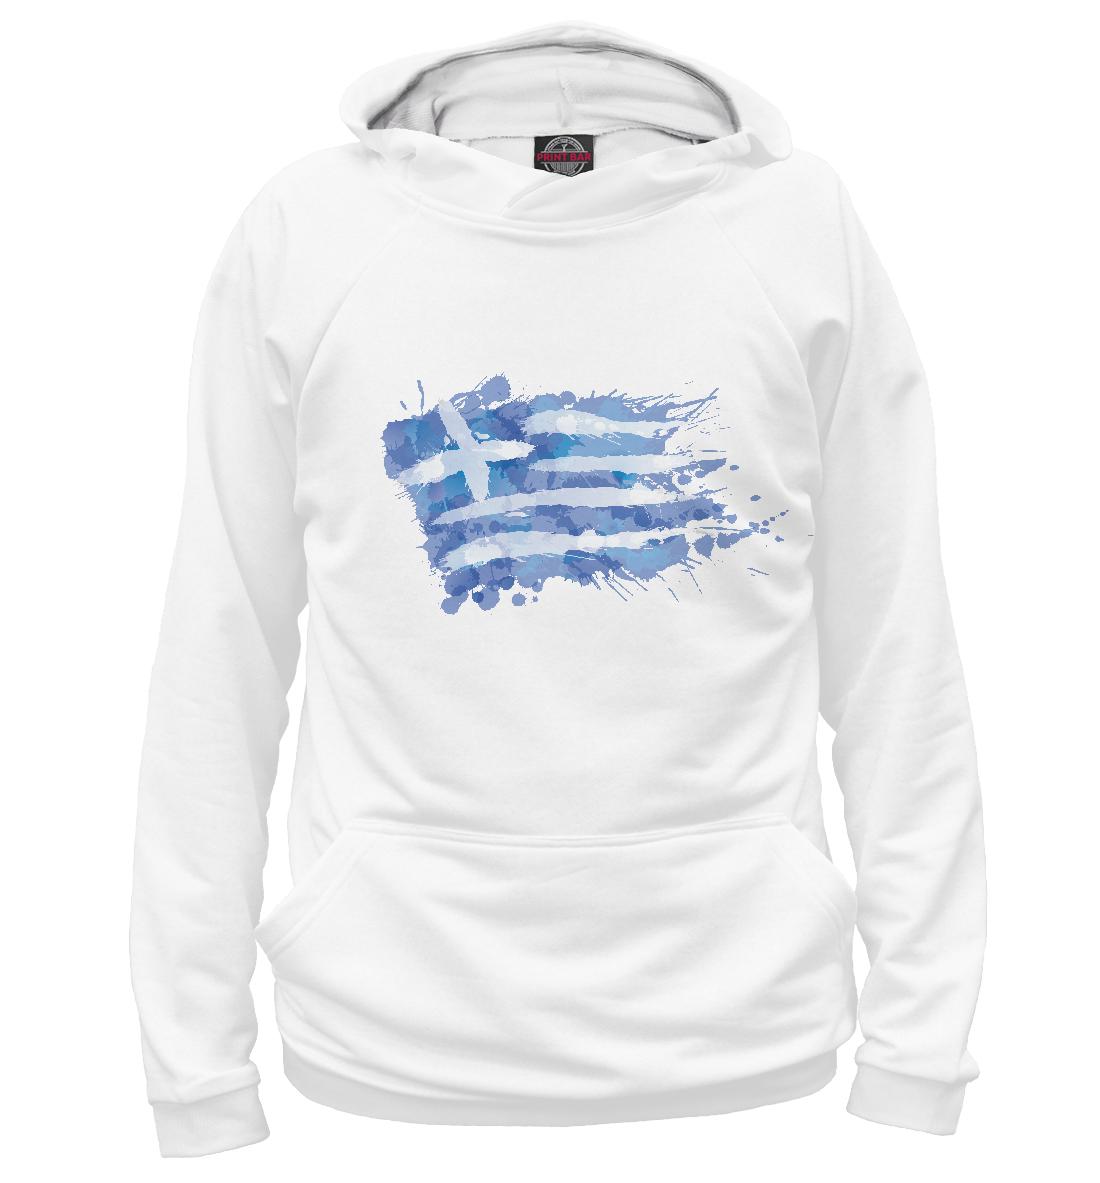 Купить Греческий флаг Splash, Printbar, Худи, CTS-862090-hud-2